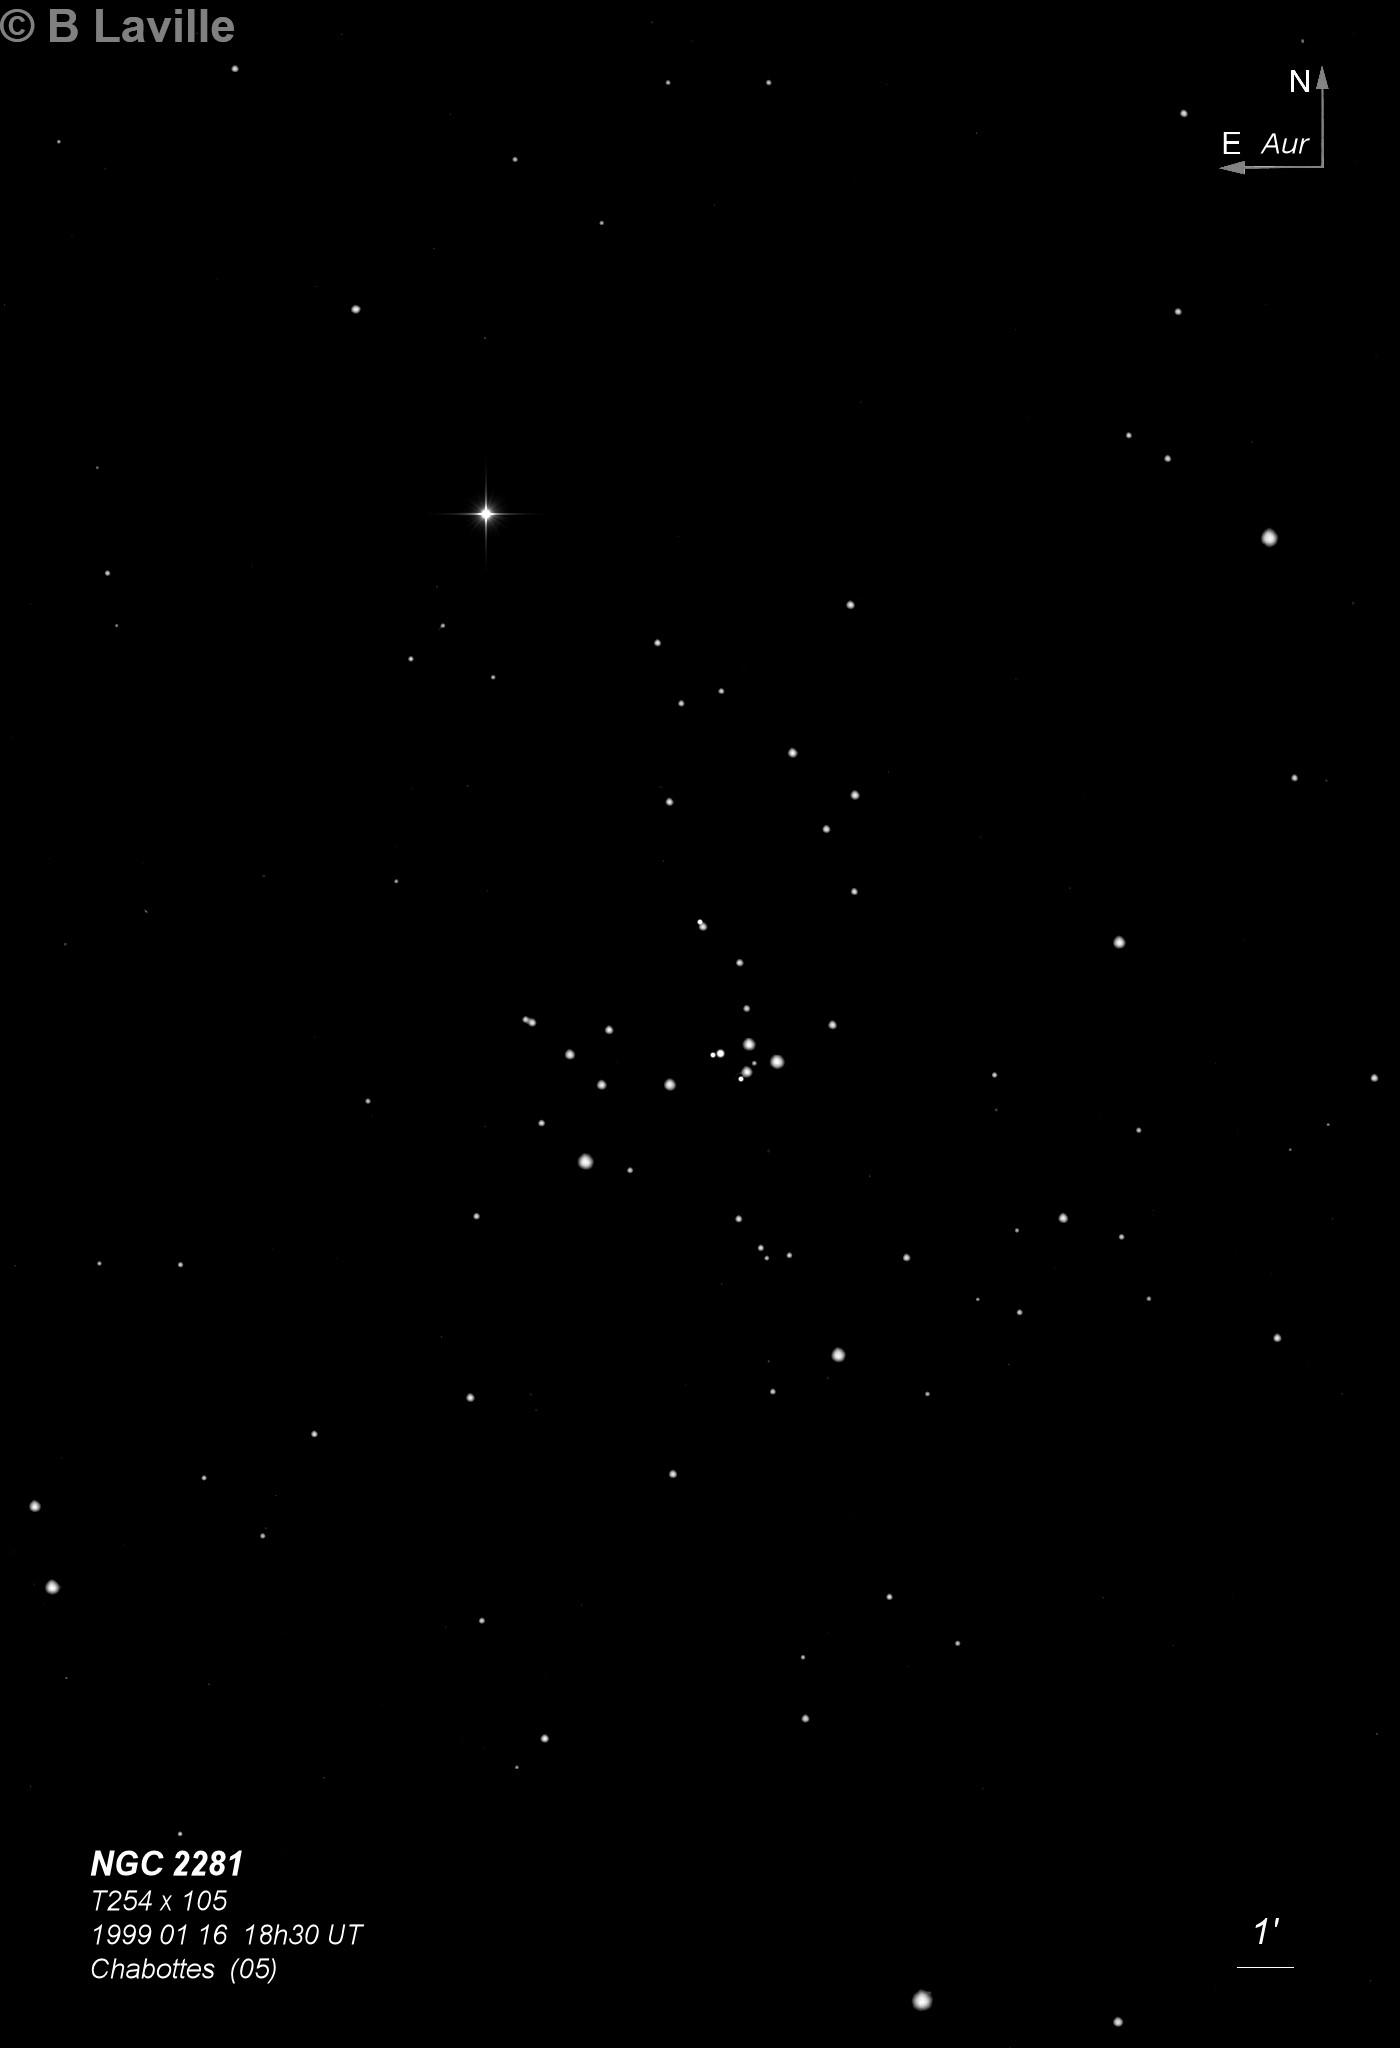 NGC 2281